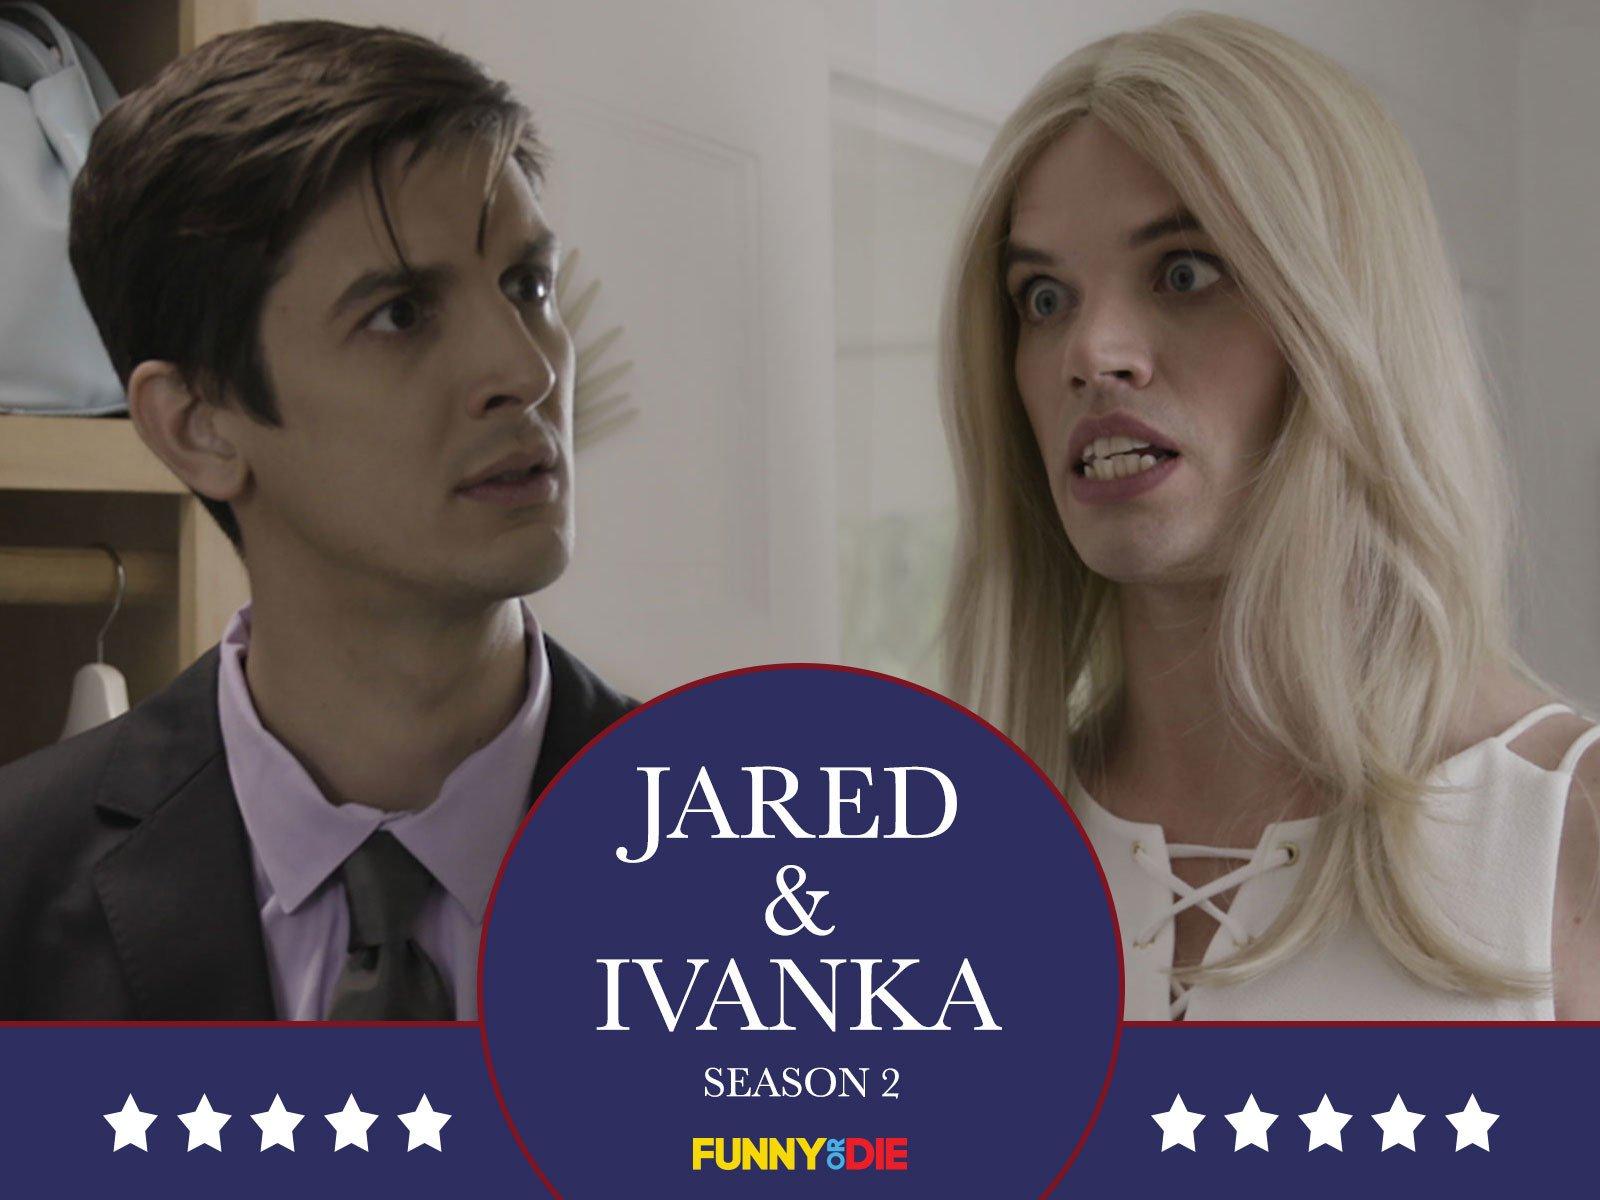 Jared & Ivanka - Season 2